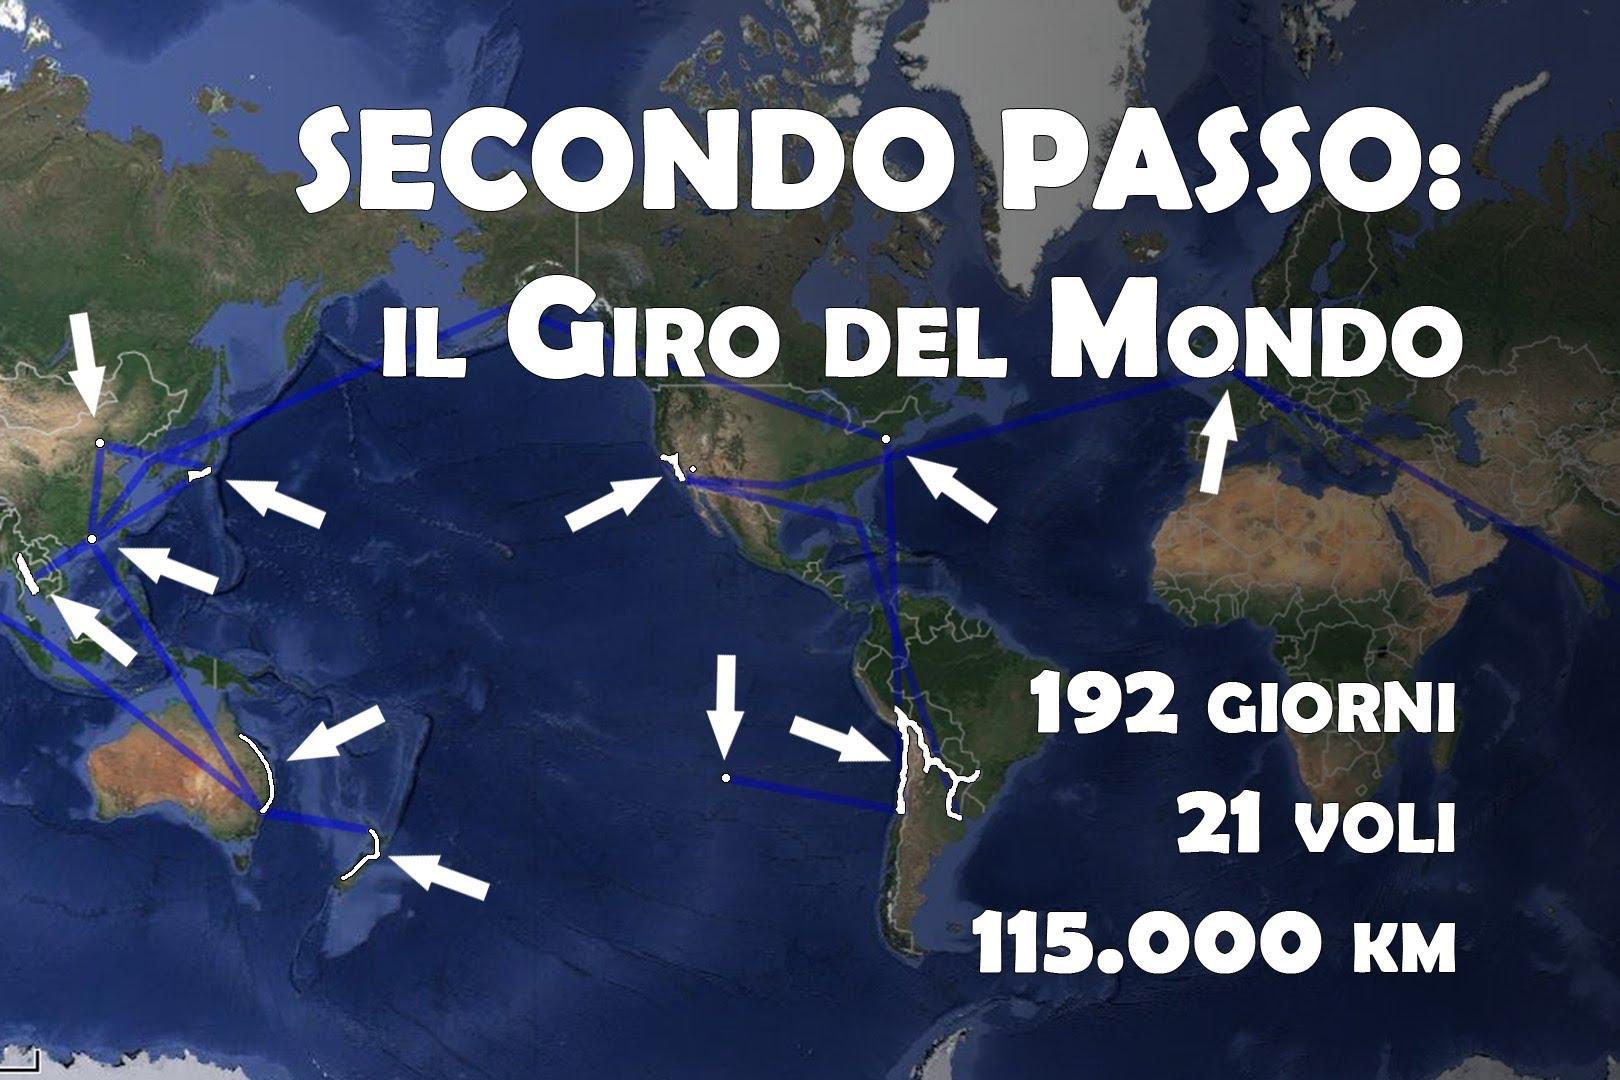 Sette passi attorno al mondo (video)